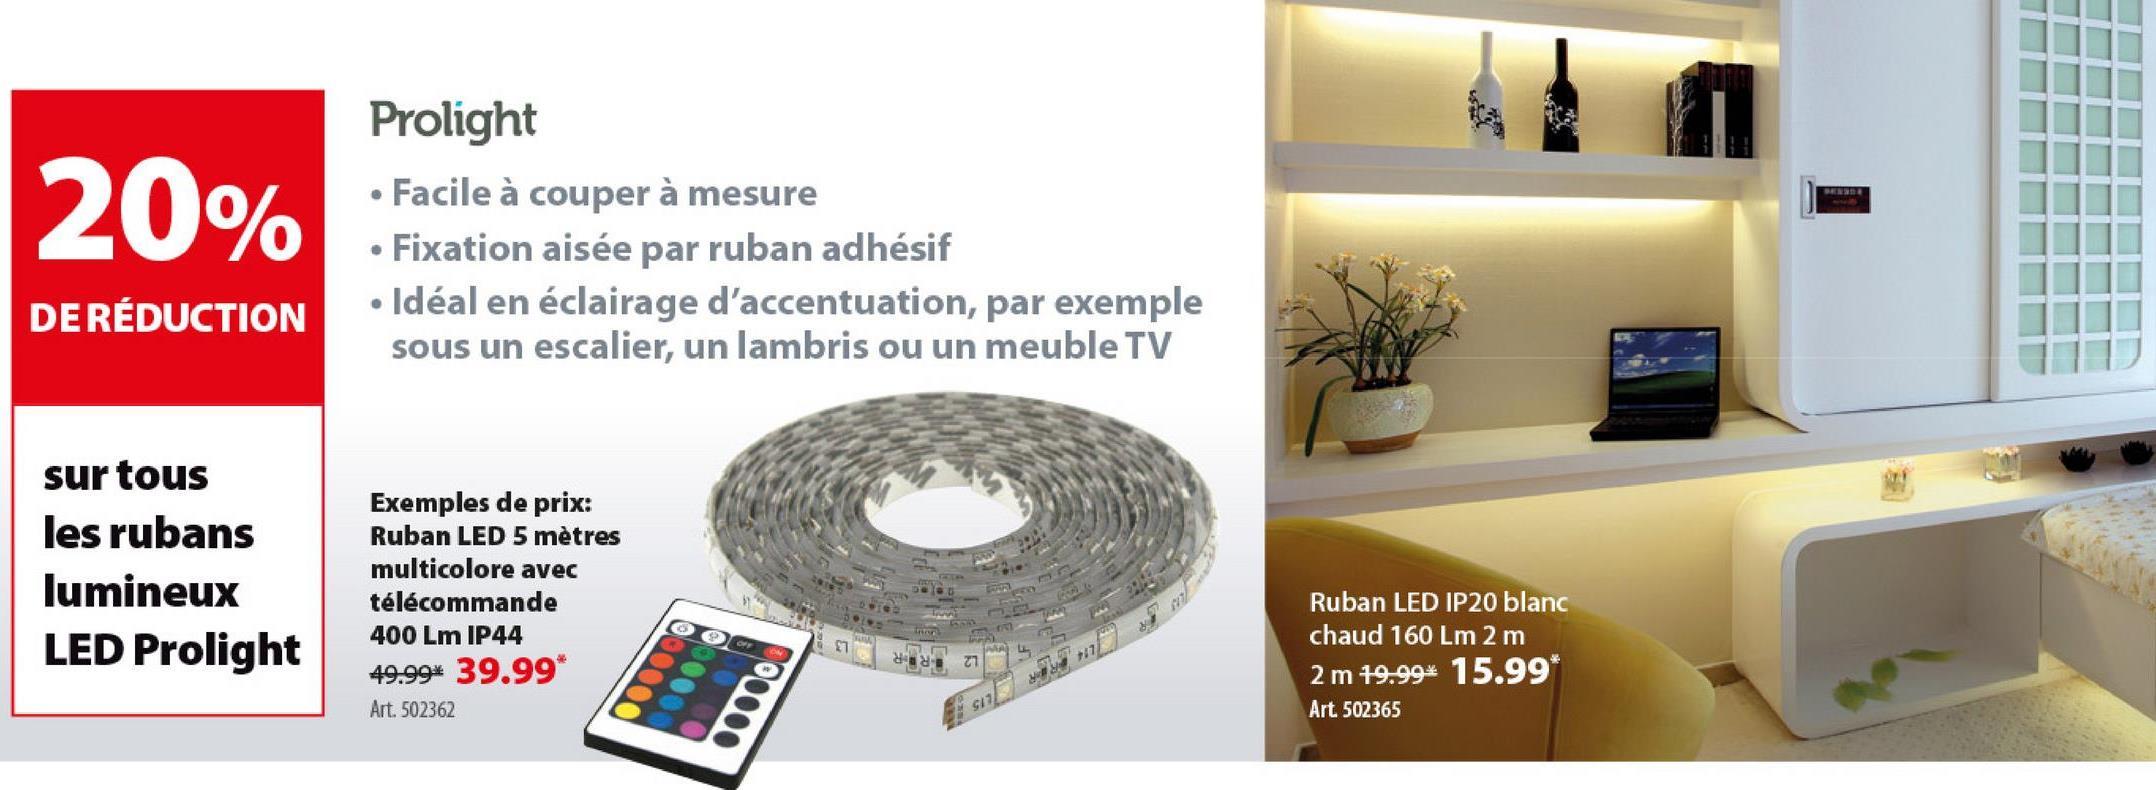 Ruban lumineux LED multicolore Prolight 5m IP44 + télécommande La fête peut commencer avec les rubans LED flexibles de Prolight, que vous pouvez raccourcir à volonté. Les rubans LED sont disponibles en différentes longueurs et finitions. Ce ruban multicolore avec un IP de 44 mesure 5 mètres de long et est réglable via la télécommande. Celle-ci vous permet non seulement de choisir la couleur de la lumière, mais aussi de varier son intensité ou de choisir un effet ludique comme fade, flash, smooth & strobe.